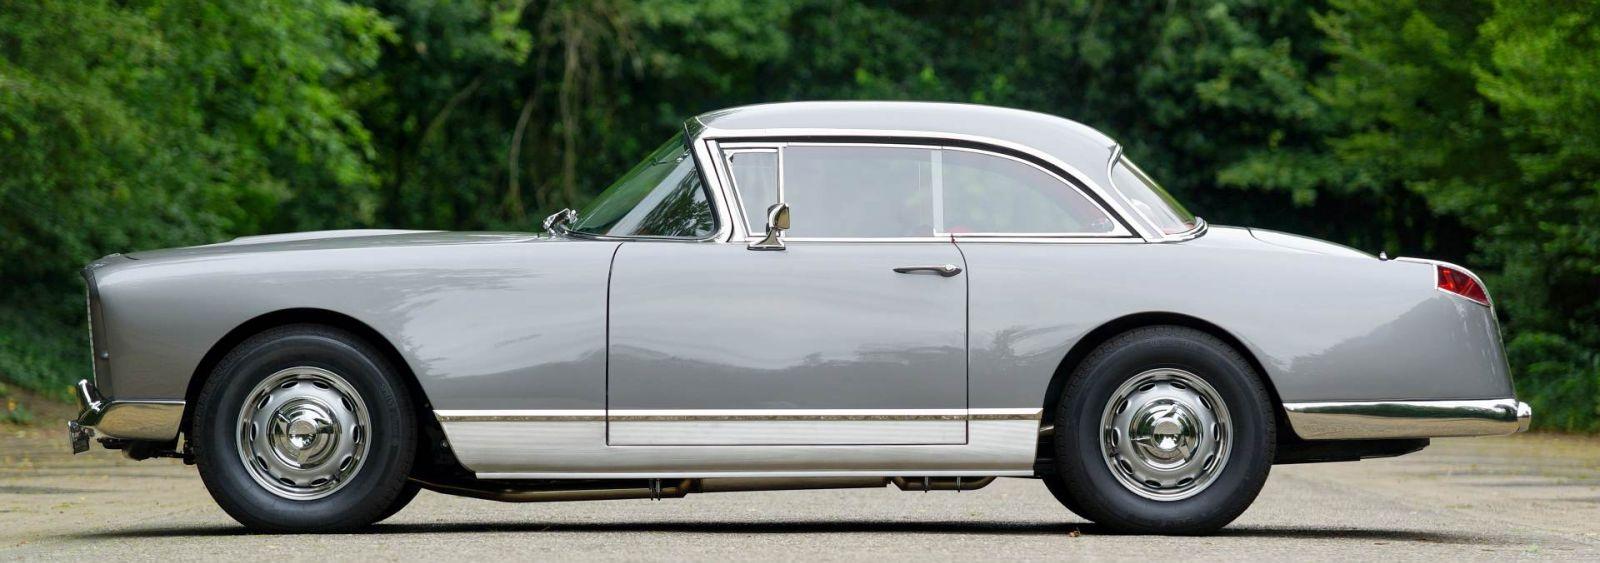 facel vega hk 500 1960 restoration classicargarage fr. Black Bedroom Furniture Sets. Home Design Ideas